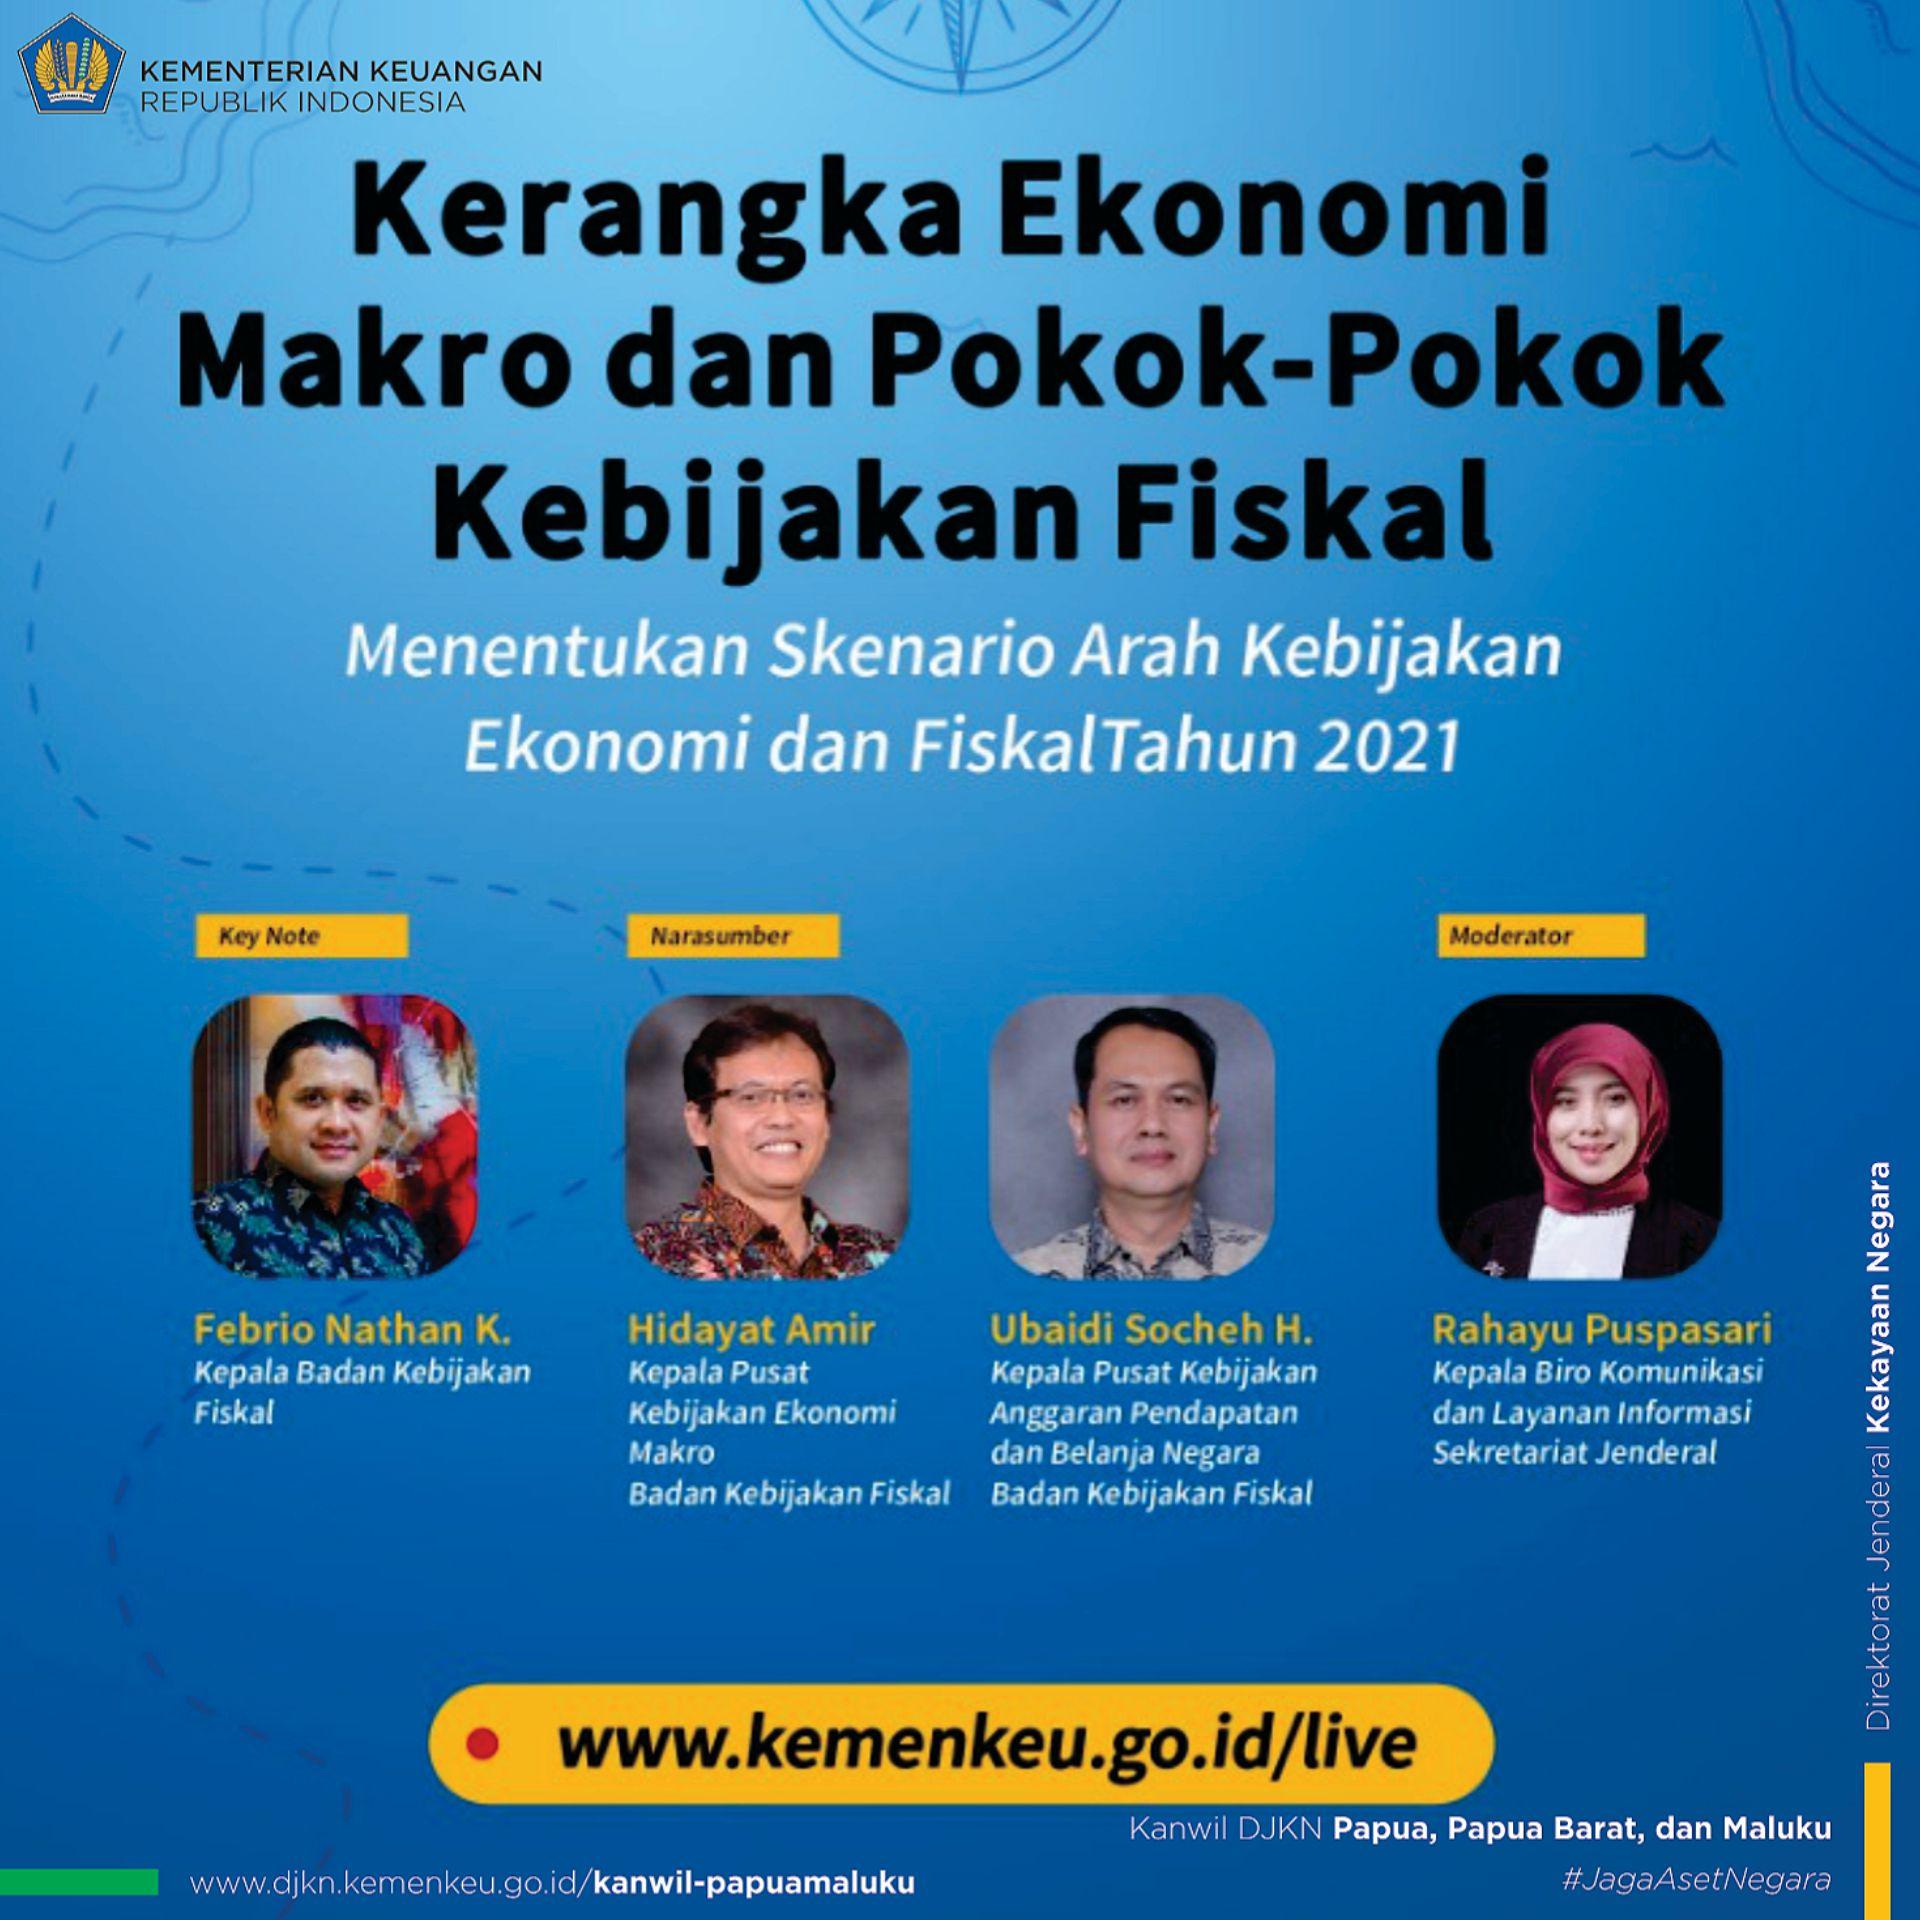 Kemenkeu Leaders Talk: Kerangka Ekonomi Makro dan Pokok - Pokok Kebijakan Fiskal